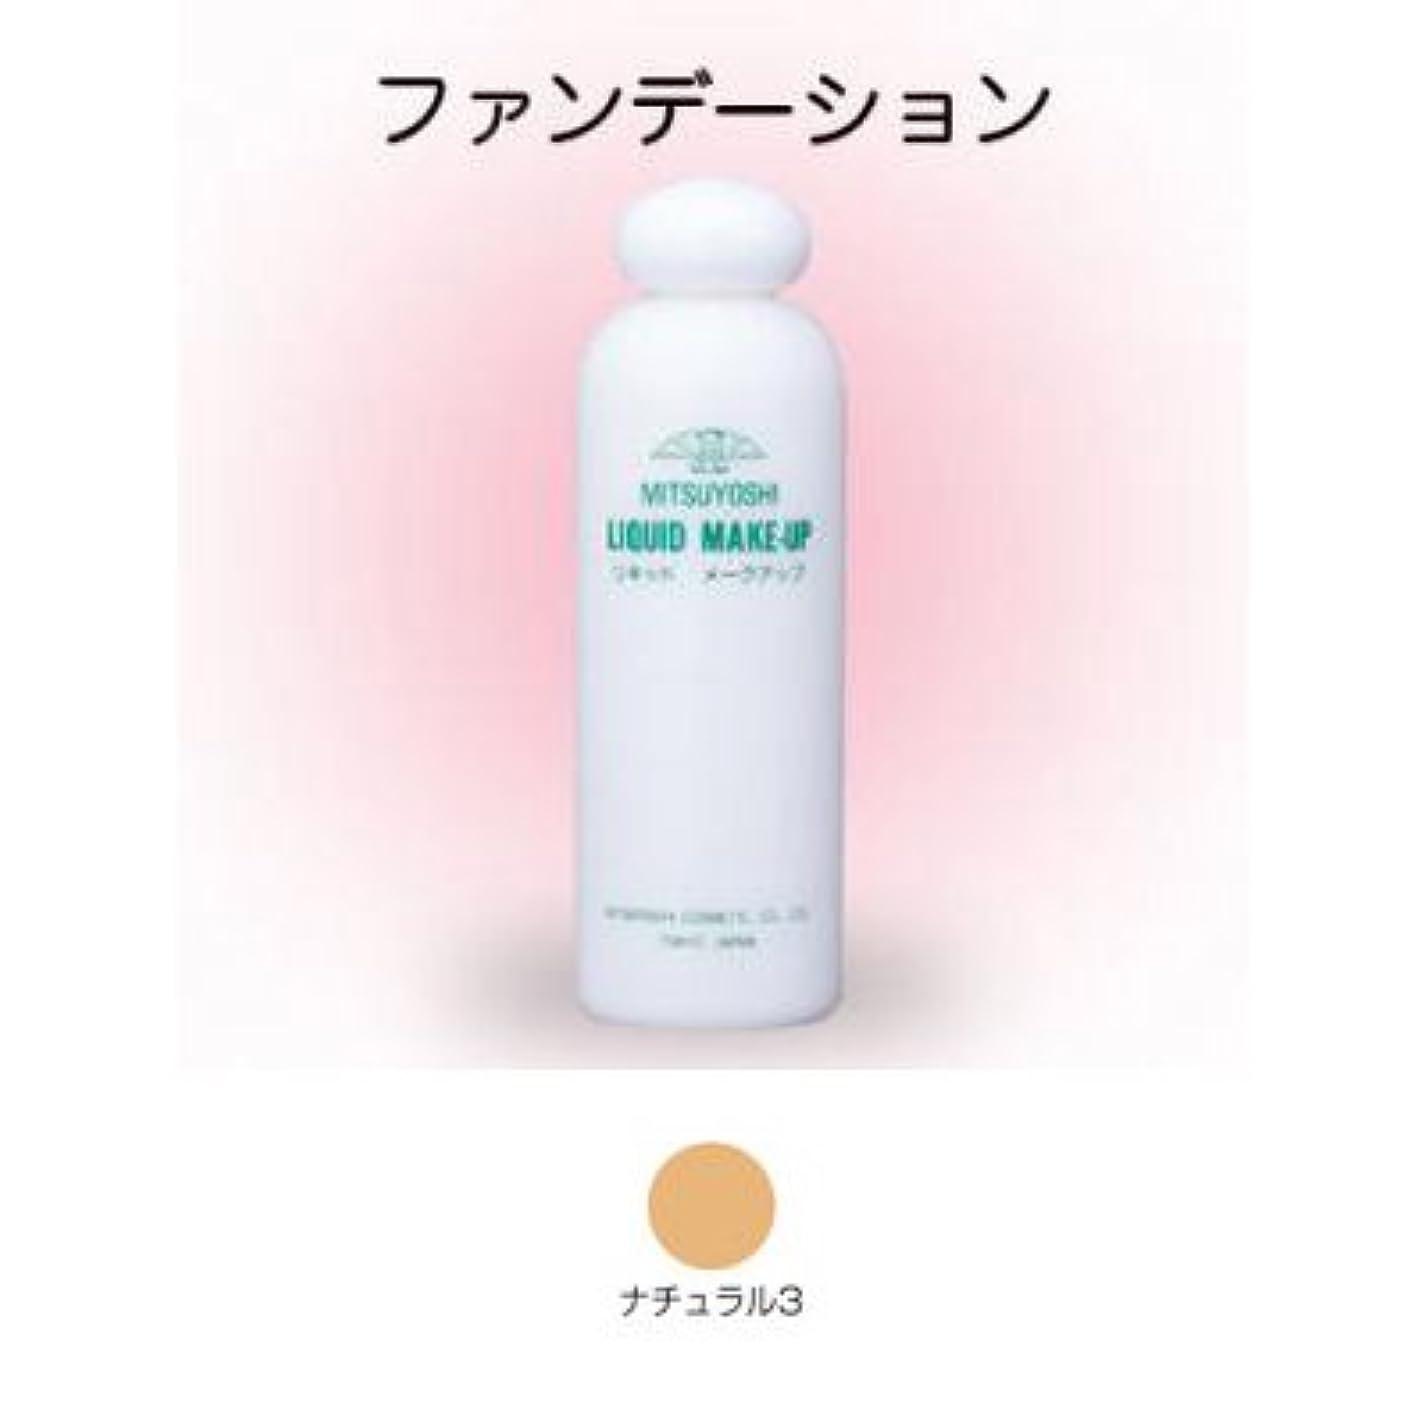 先今晩シールリキッドメークアップ 200ml ナチュラル3 【三善】